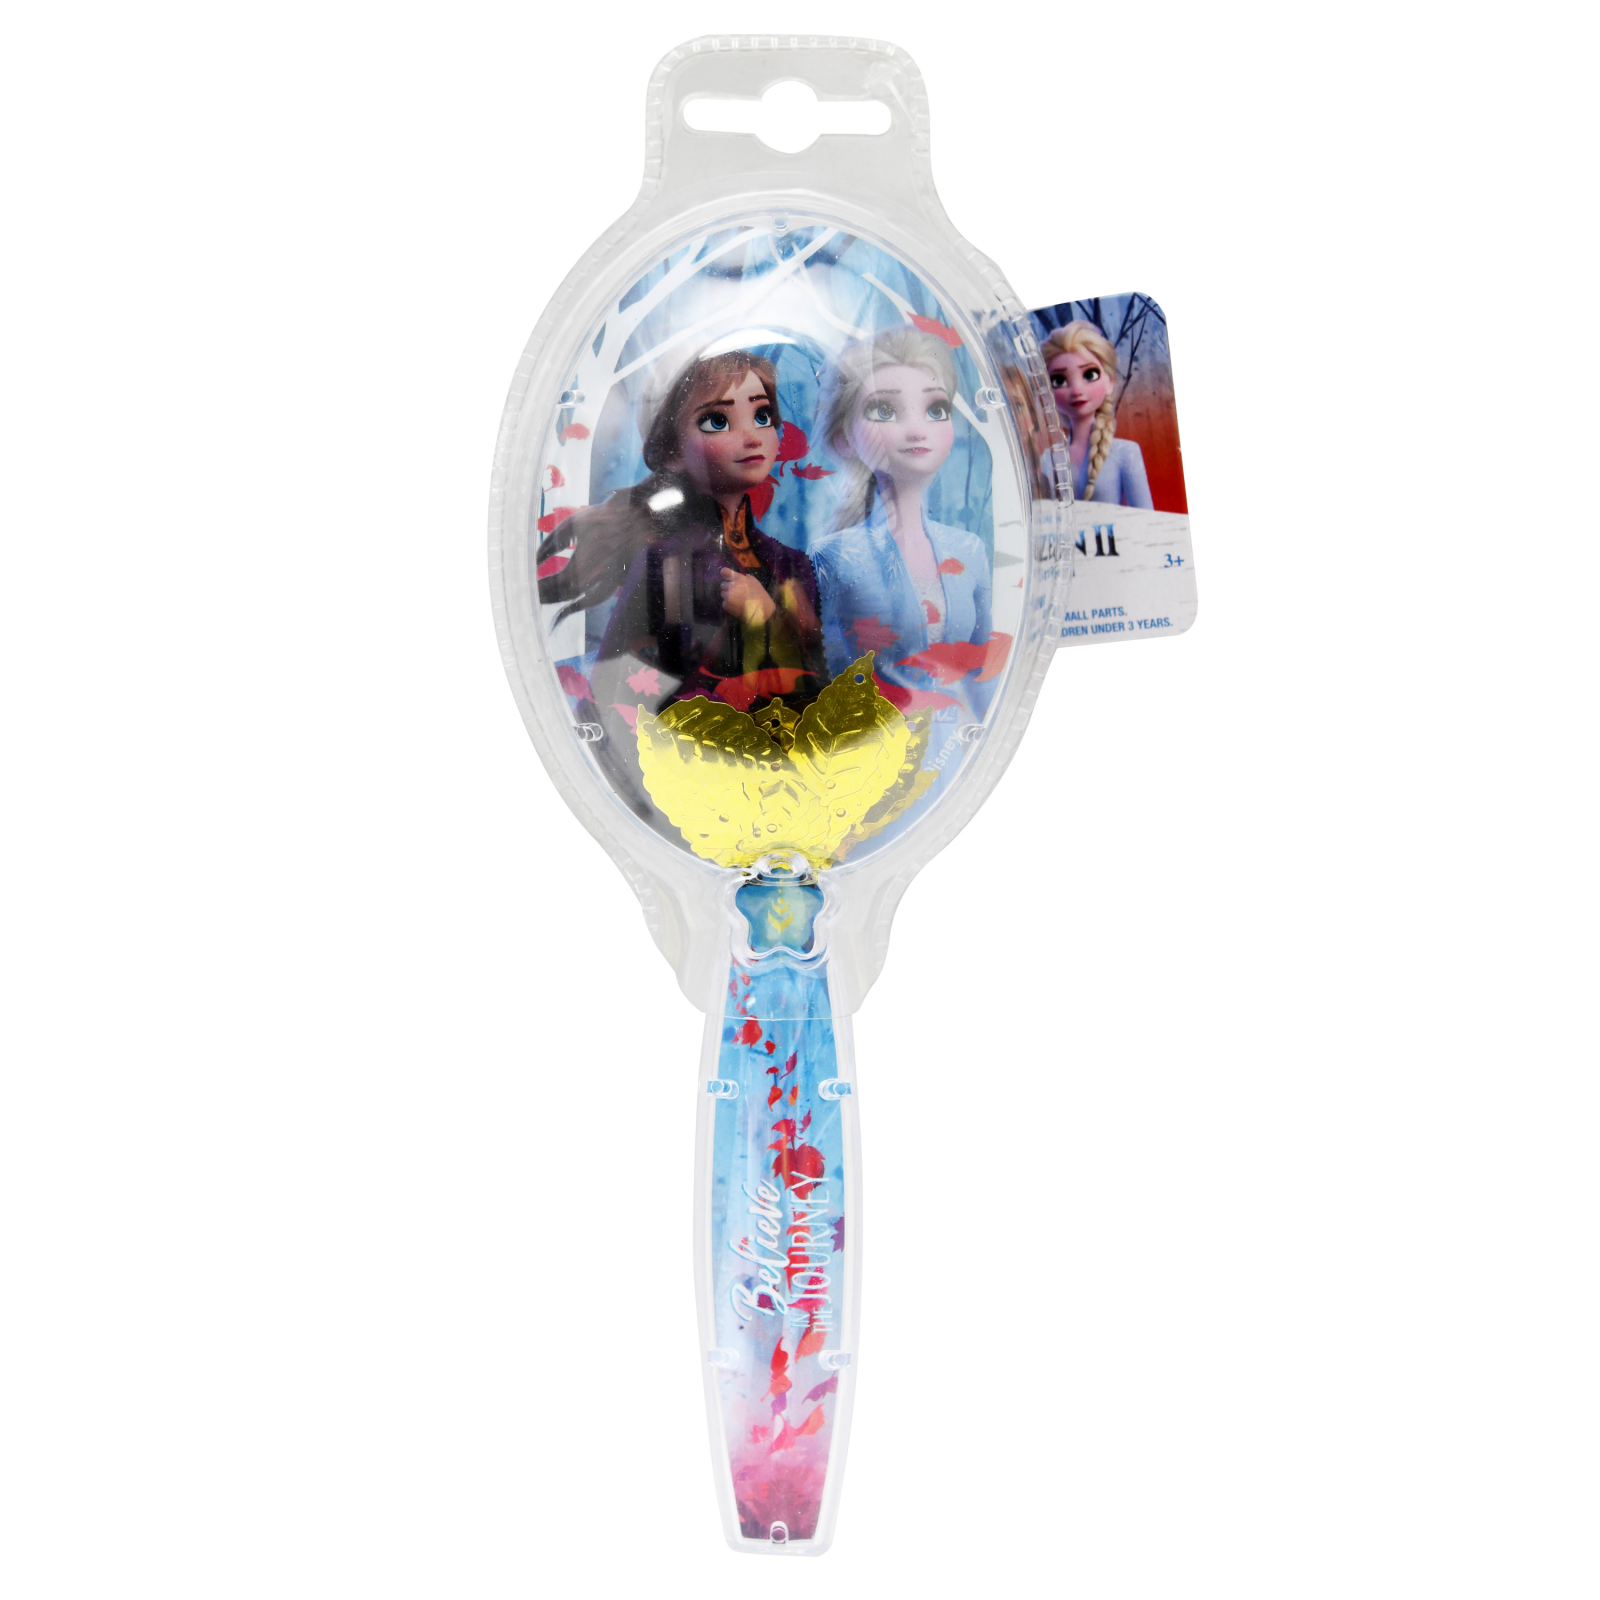 Disney Frozen 2 Girls Hair Brush Glitter Confetti Leaves